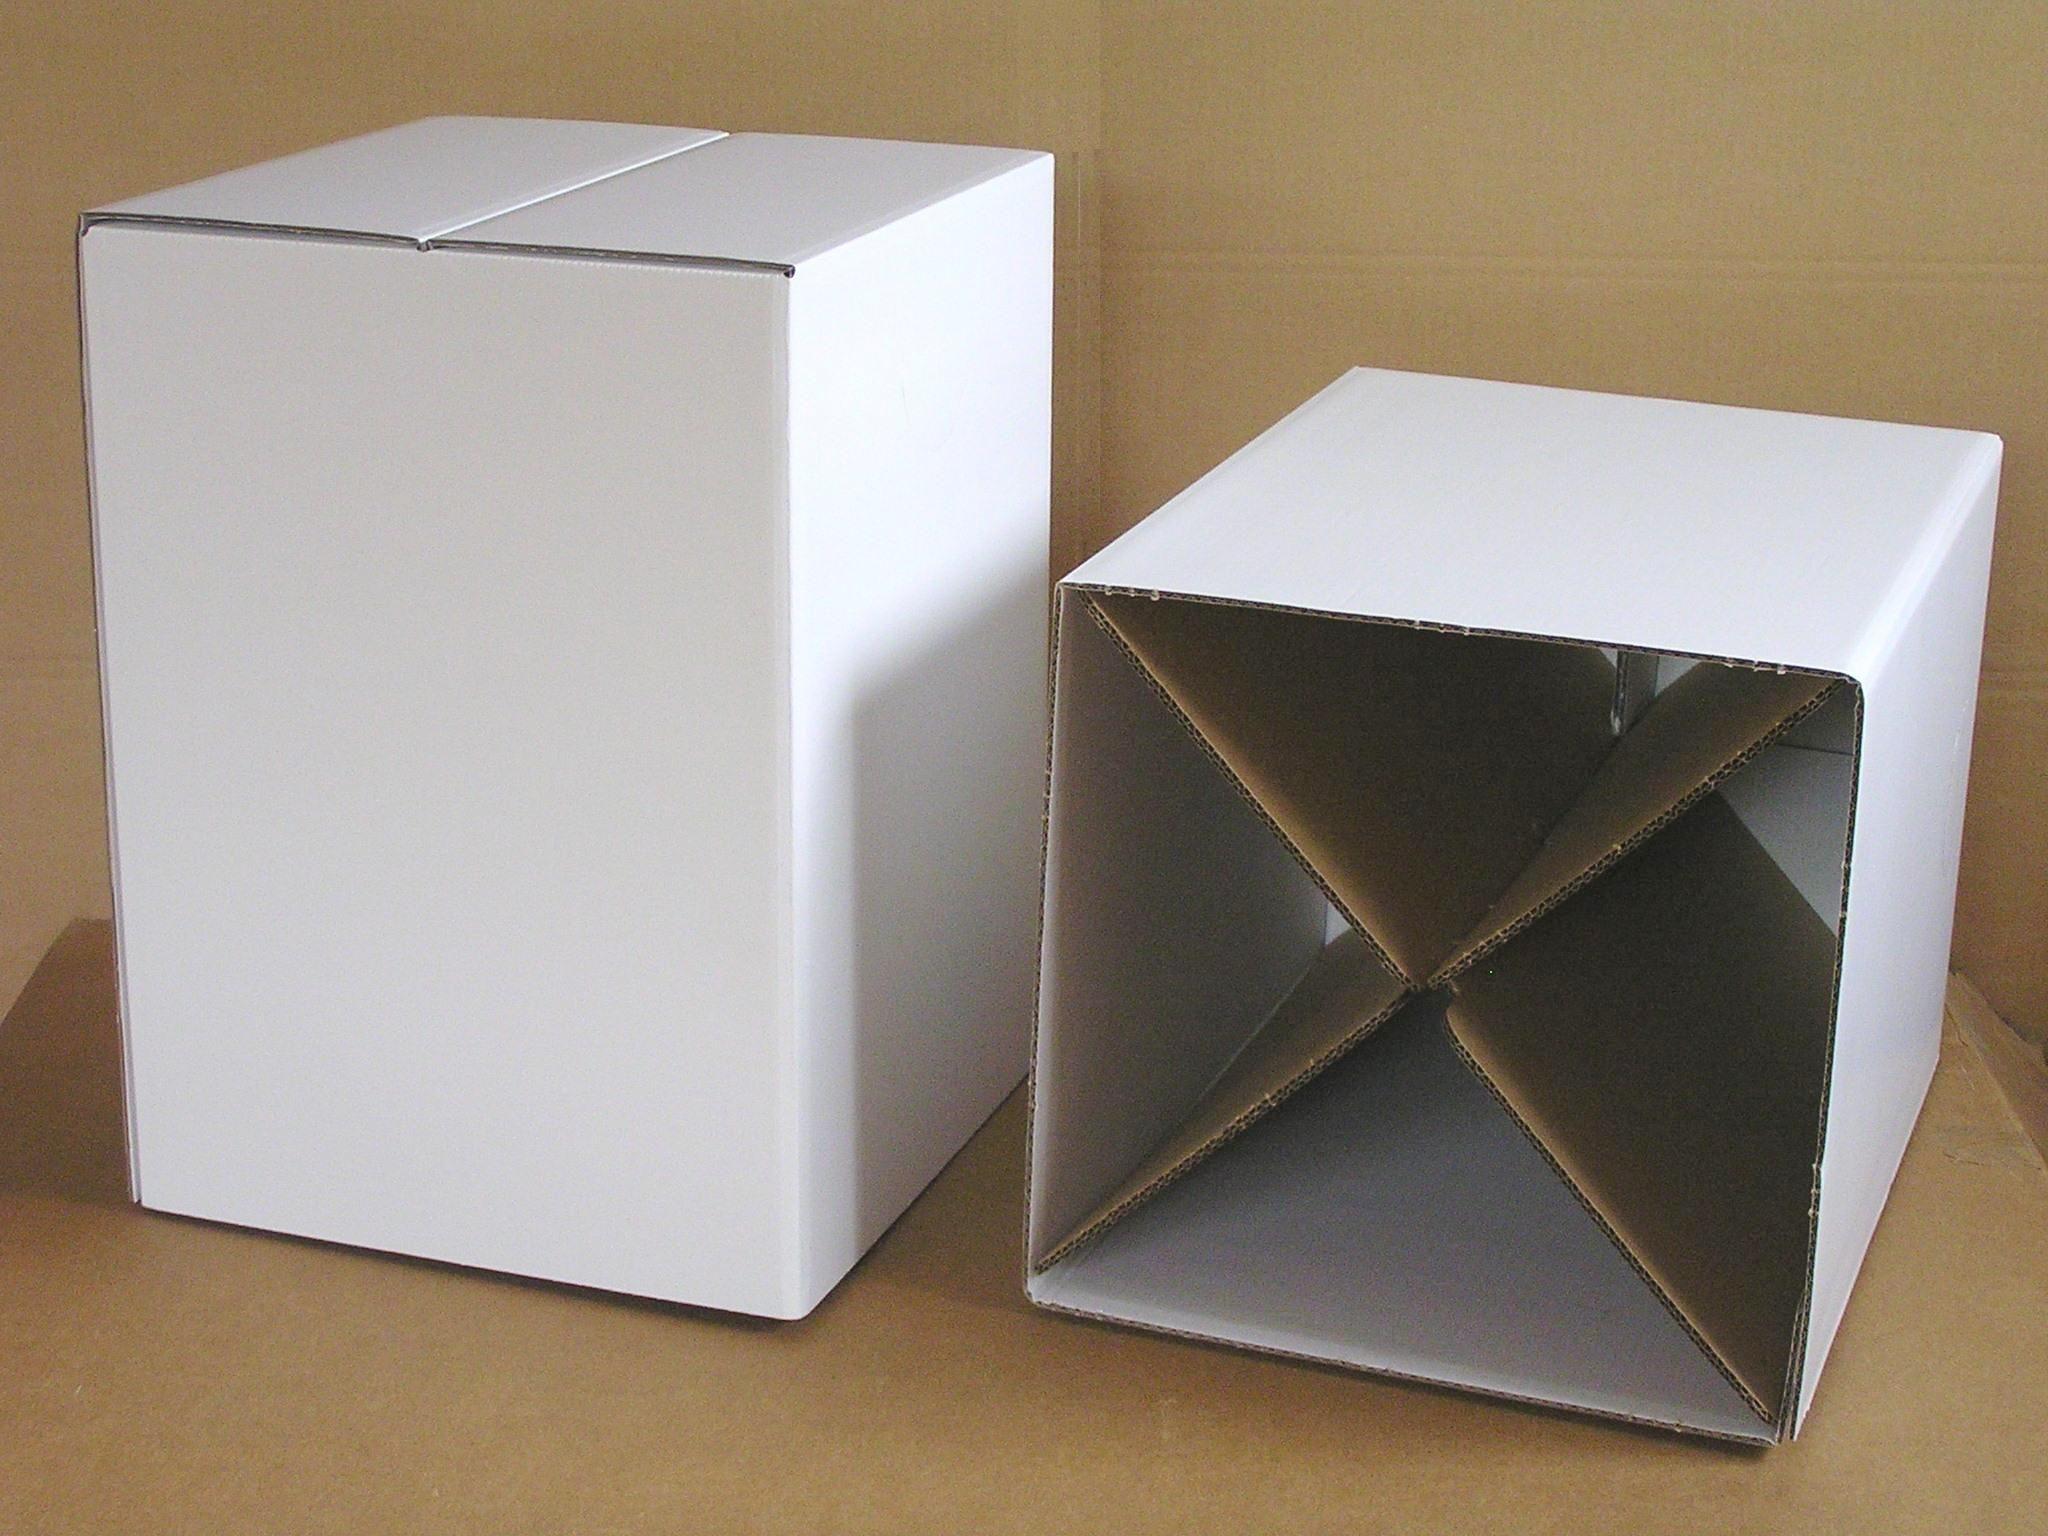 Pauli Papphocker / cardboard stool http://www.agentur-rindle.de ...